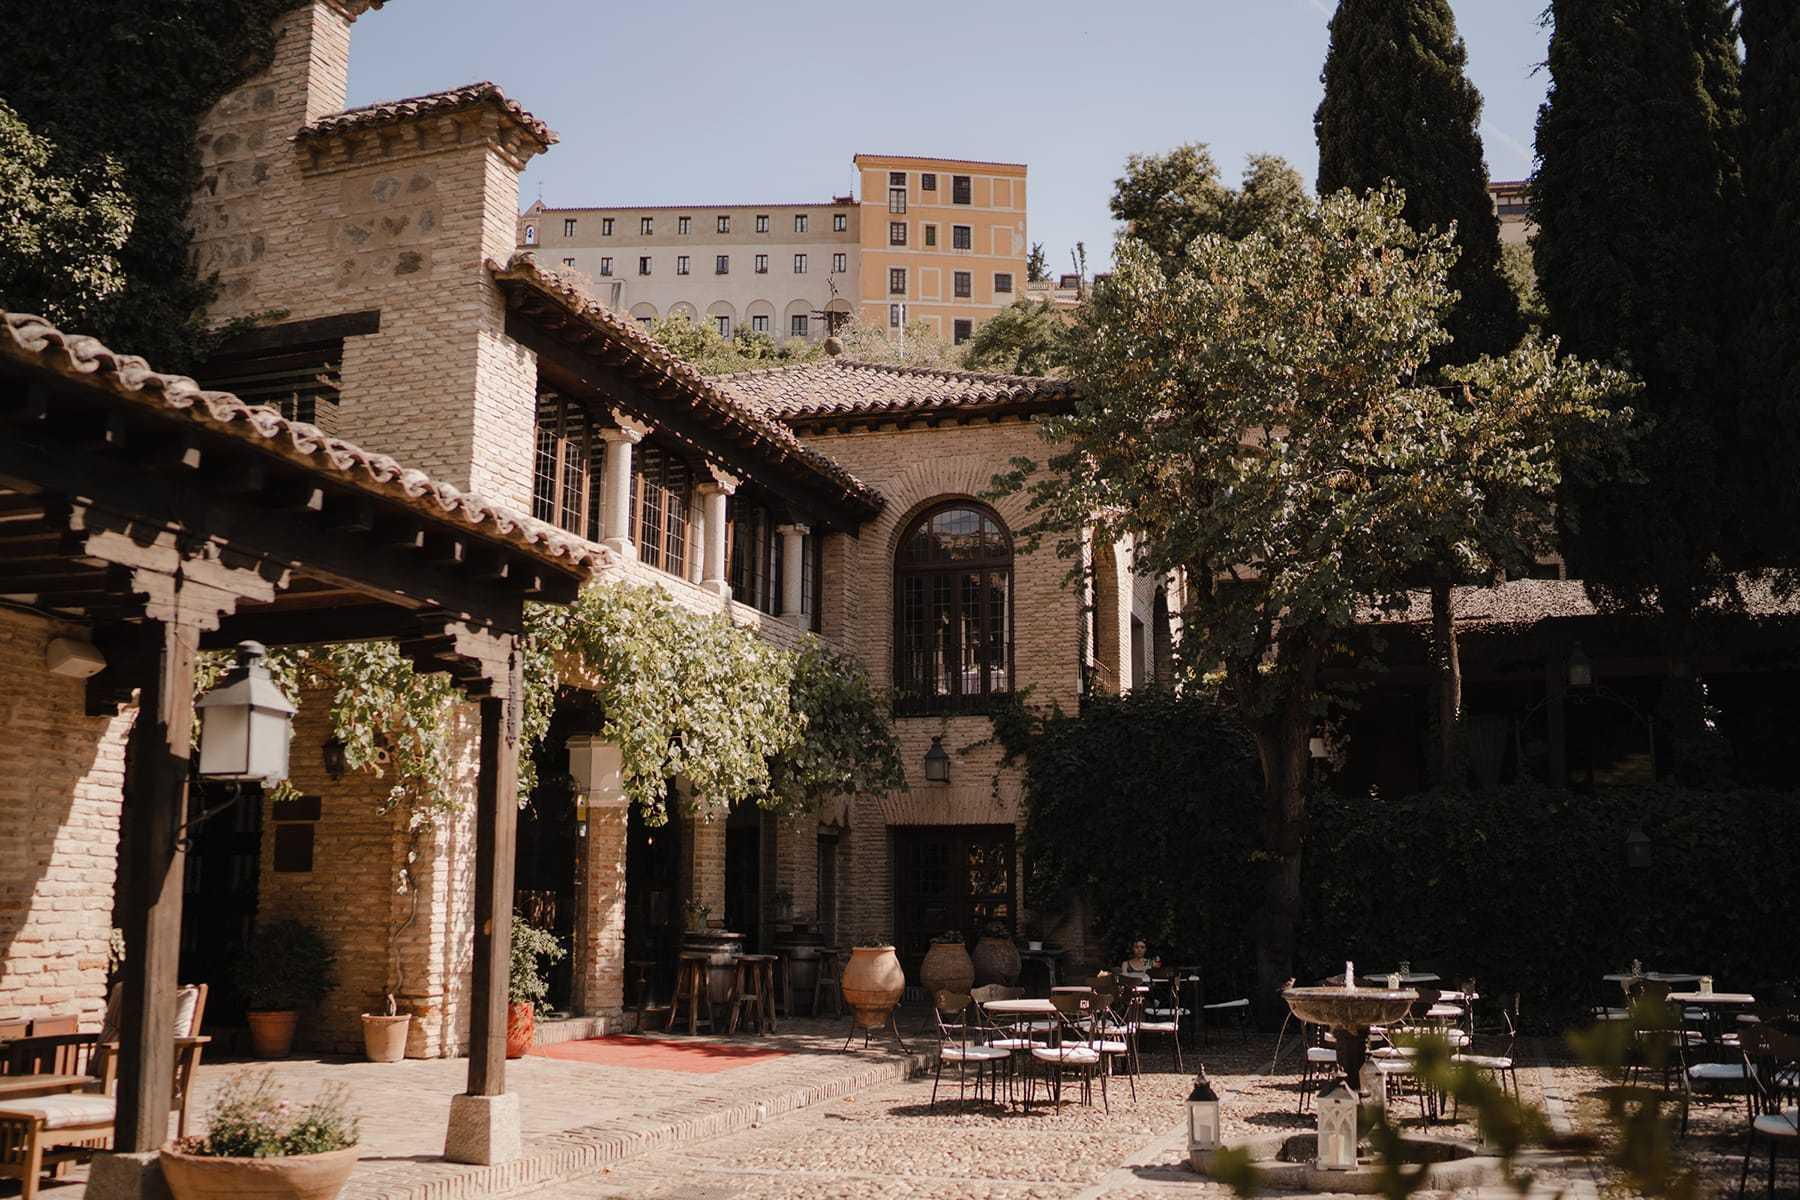 Hacienda del Cardenal